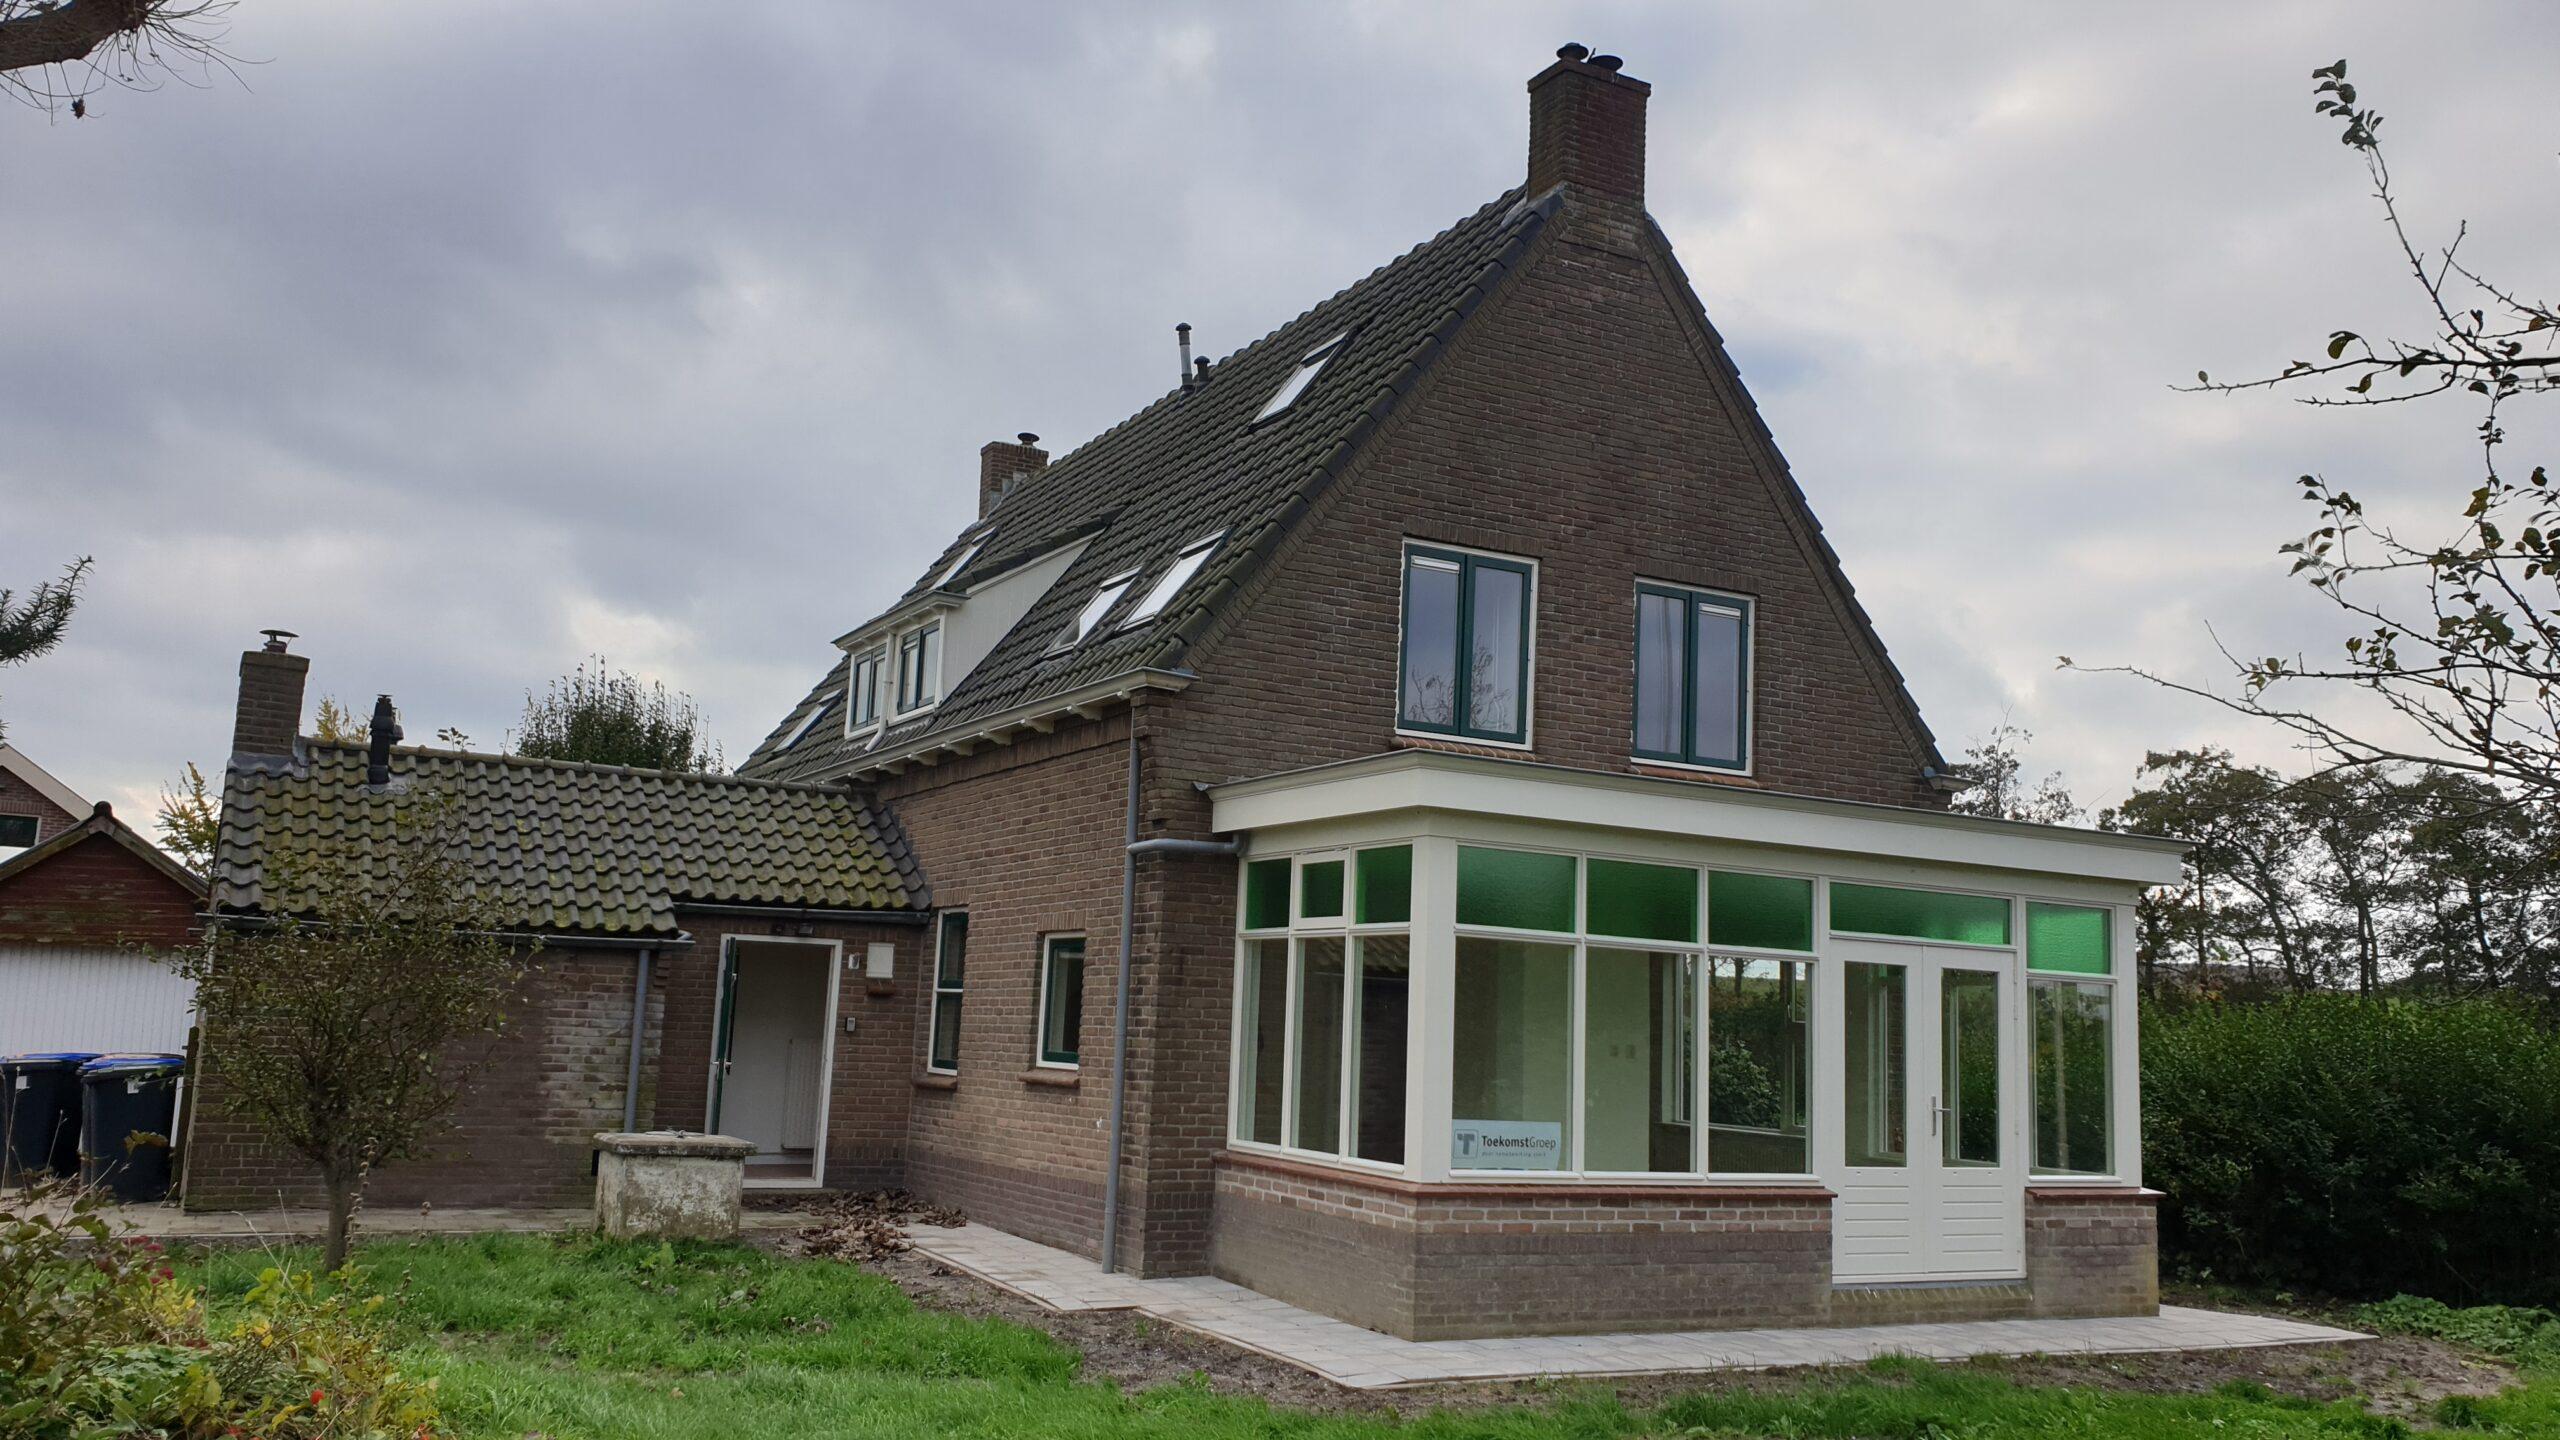 Medemblikkersluisweg, Middenmeer